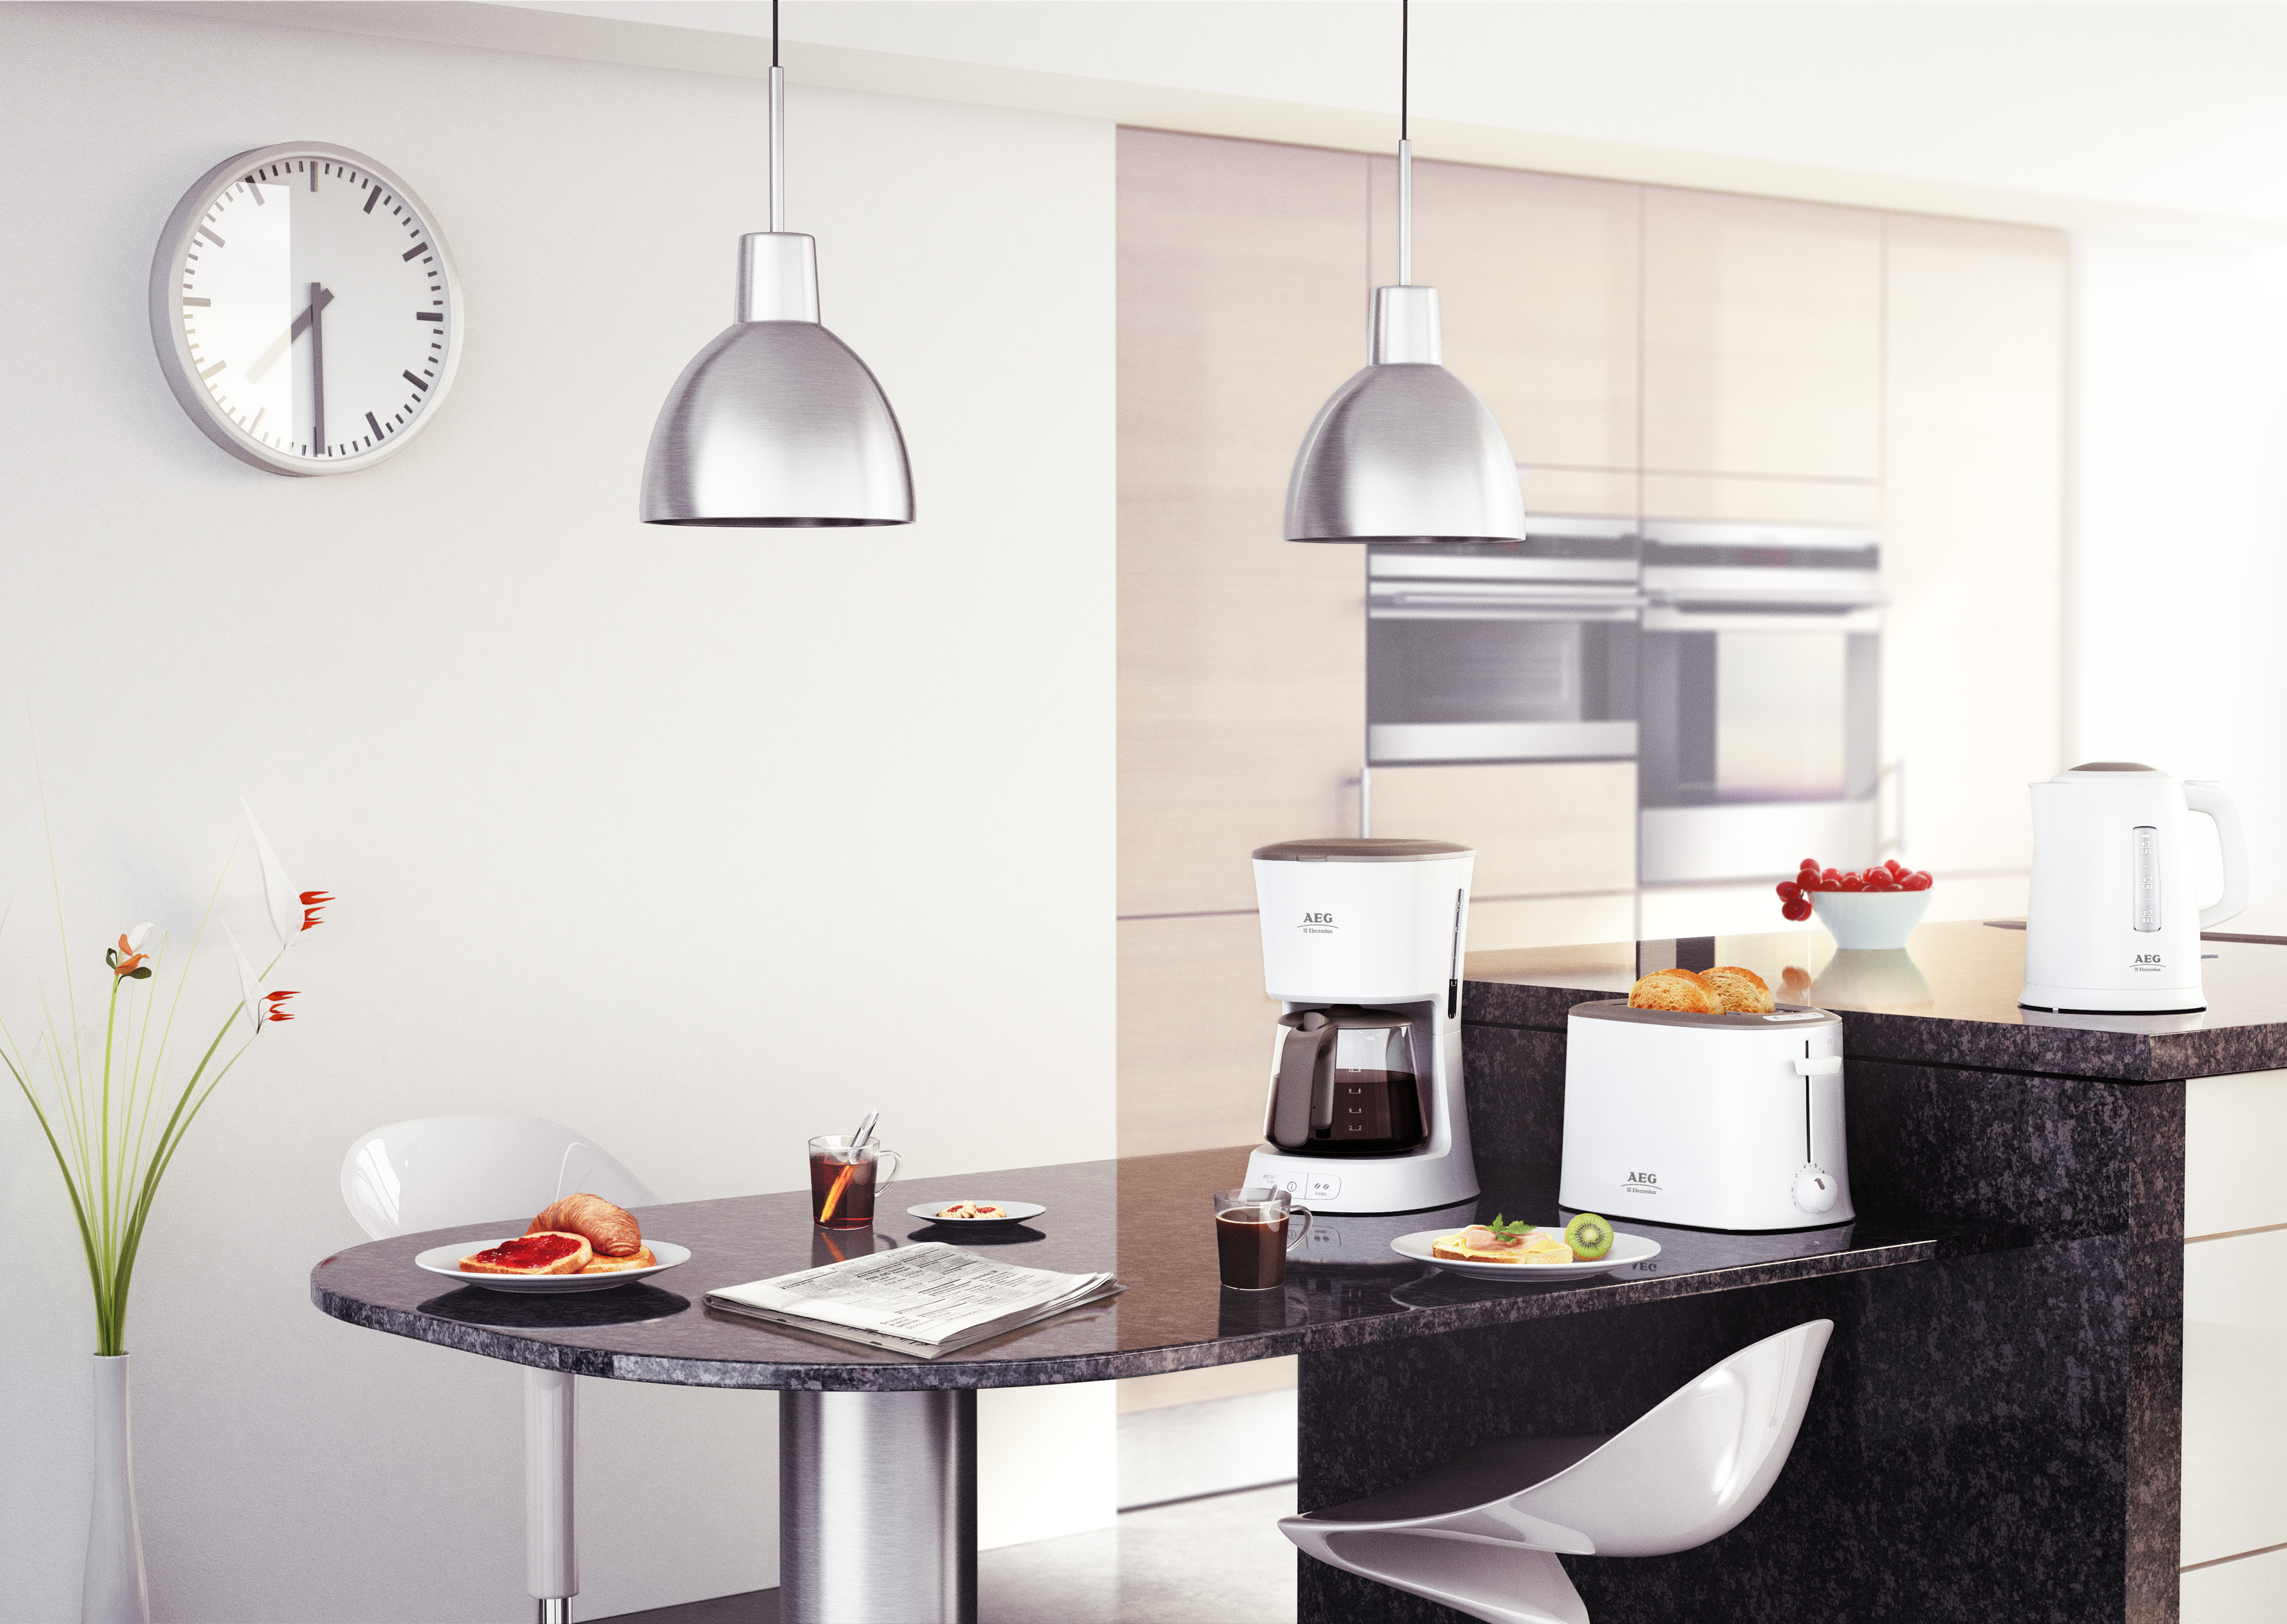 mit ergosense von aeg den perfekten morgen erleben kaffeemaschine wasserkocher und toaster. Black Bedroom Furniture Sets. Home Design Ideas